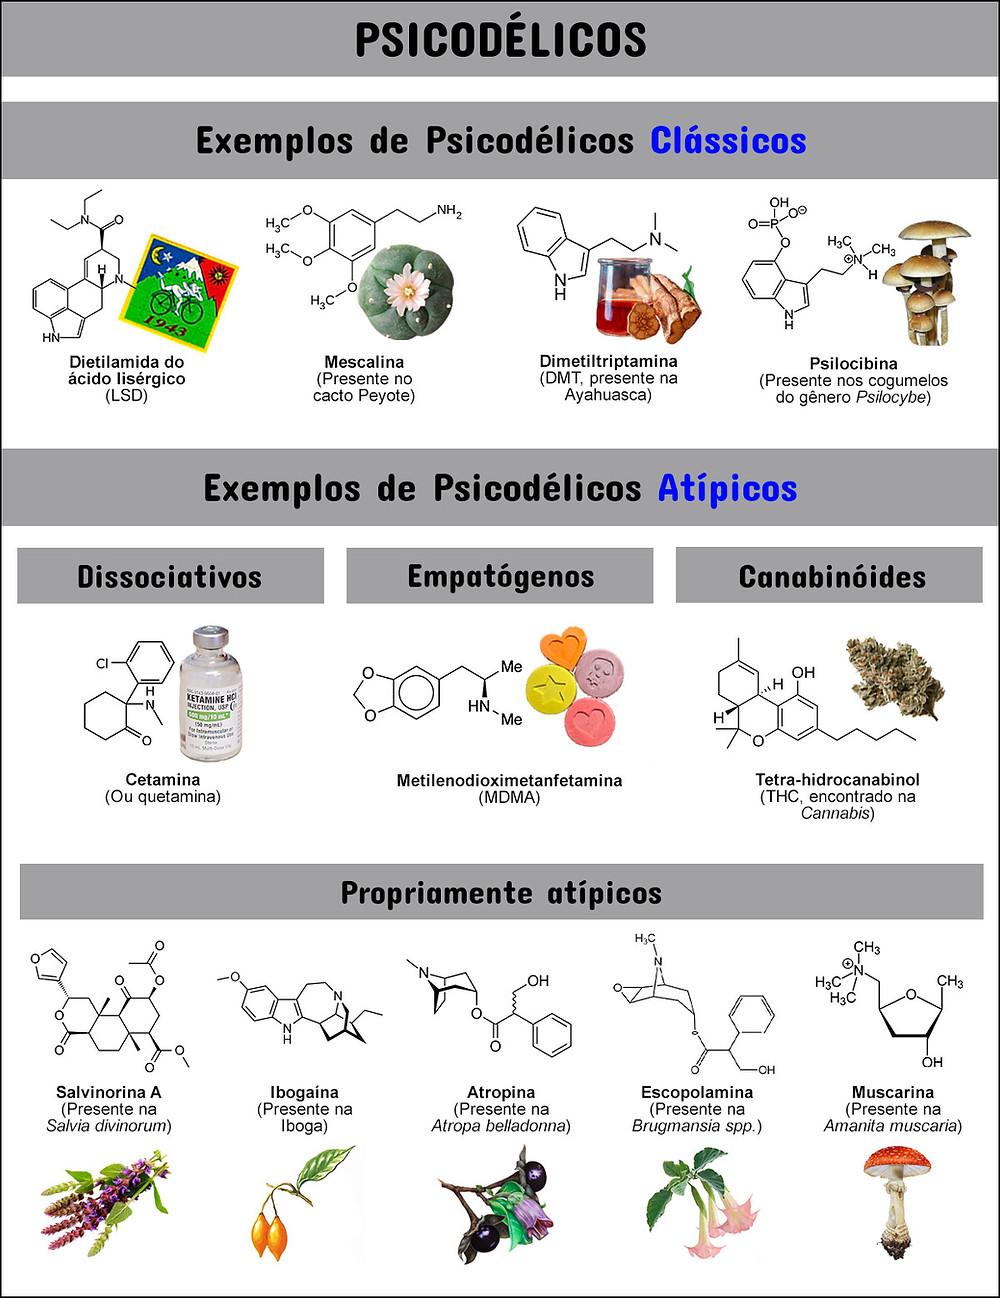 Tabela com a classificação dos tipos de psicodélicos. Psicodélicos clássicos: LSD, mescalina, DMT, psilocibina. Psicodélicos atípicos: Cetamina, MDMA, THC, salvinorina, ibogaína, atropina, escopolamina, muscarina.